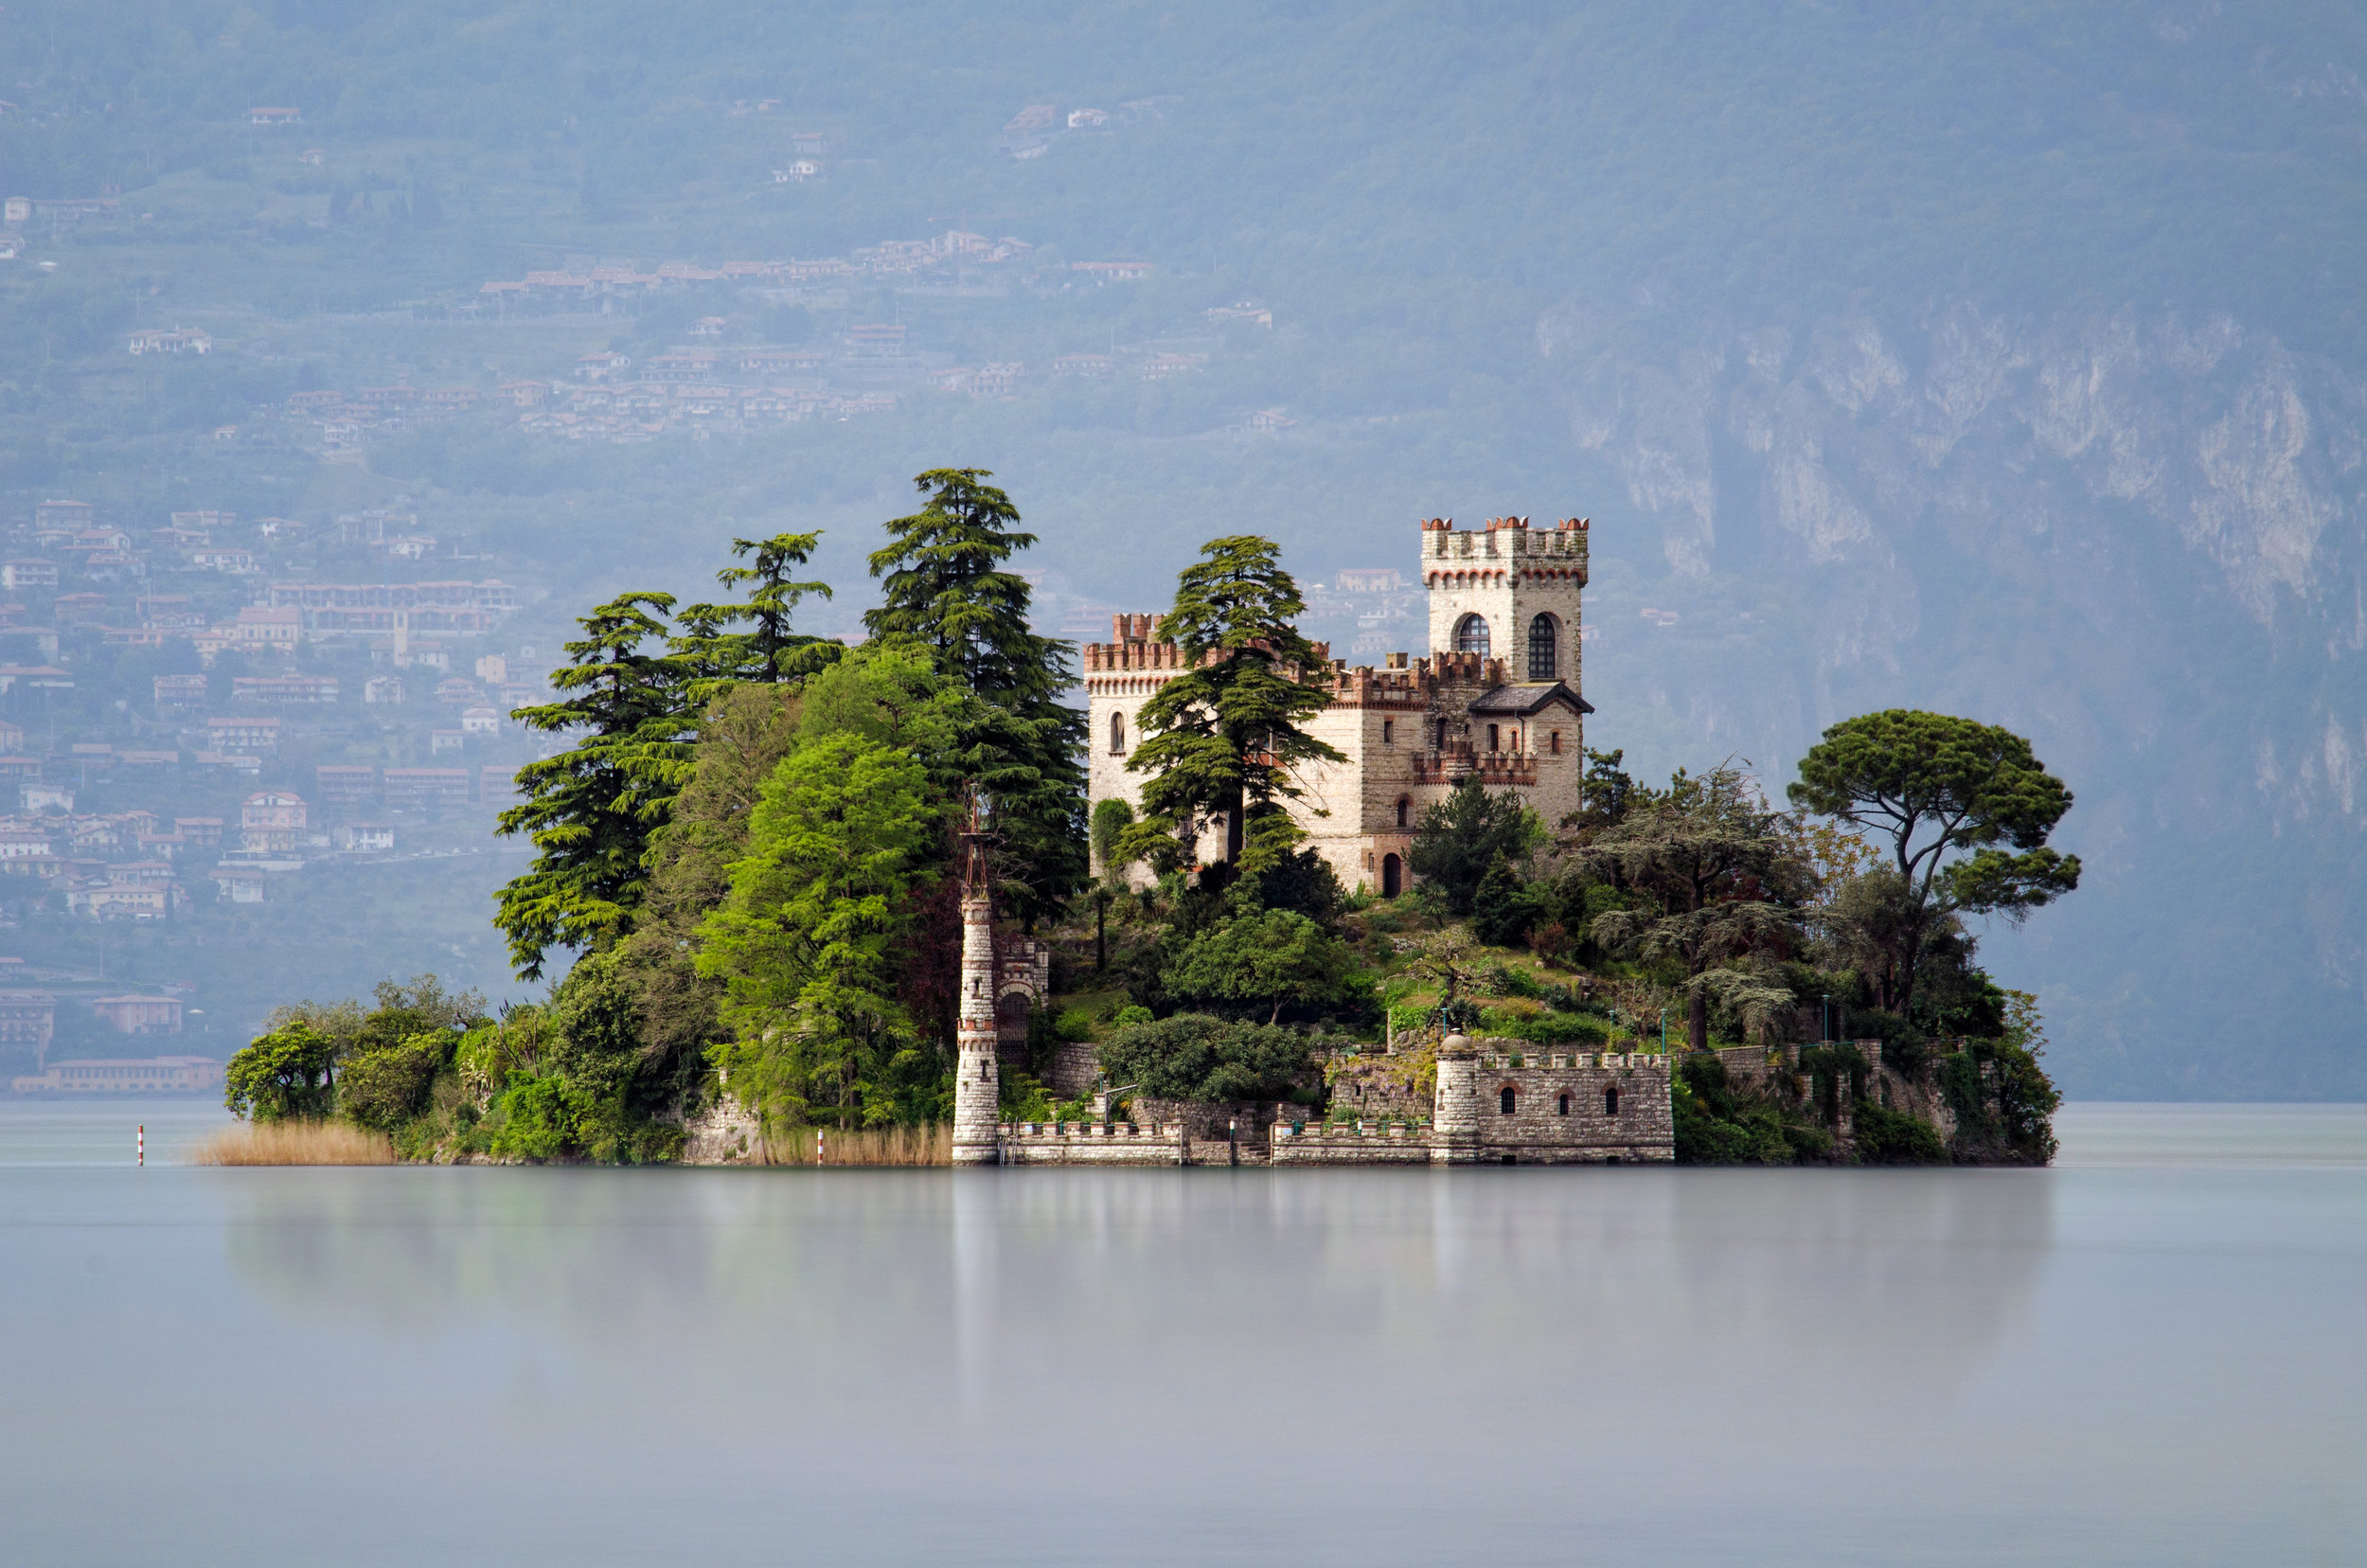 Little island Isola di Loreto on Iseo Lake, Italy